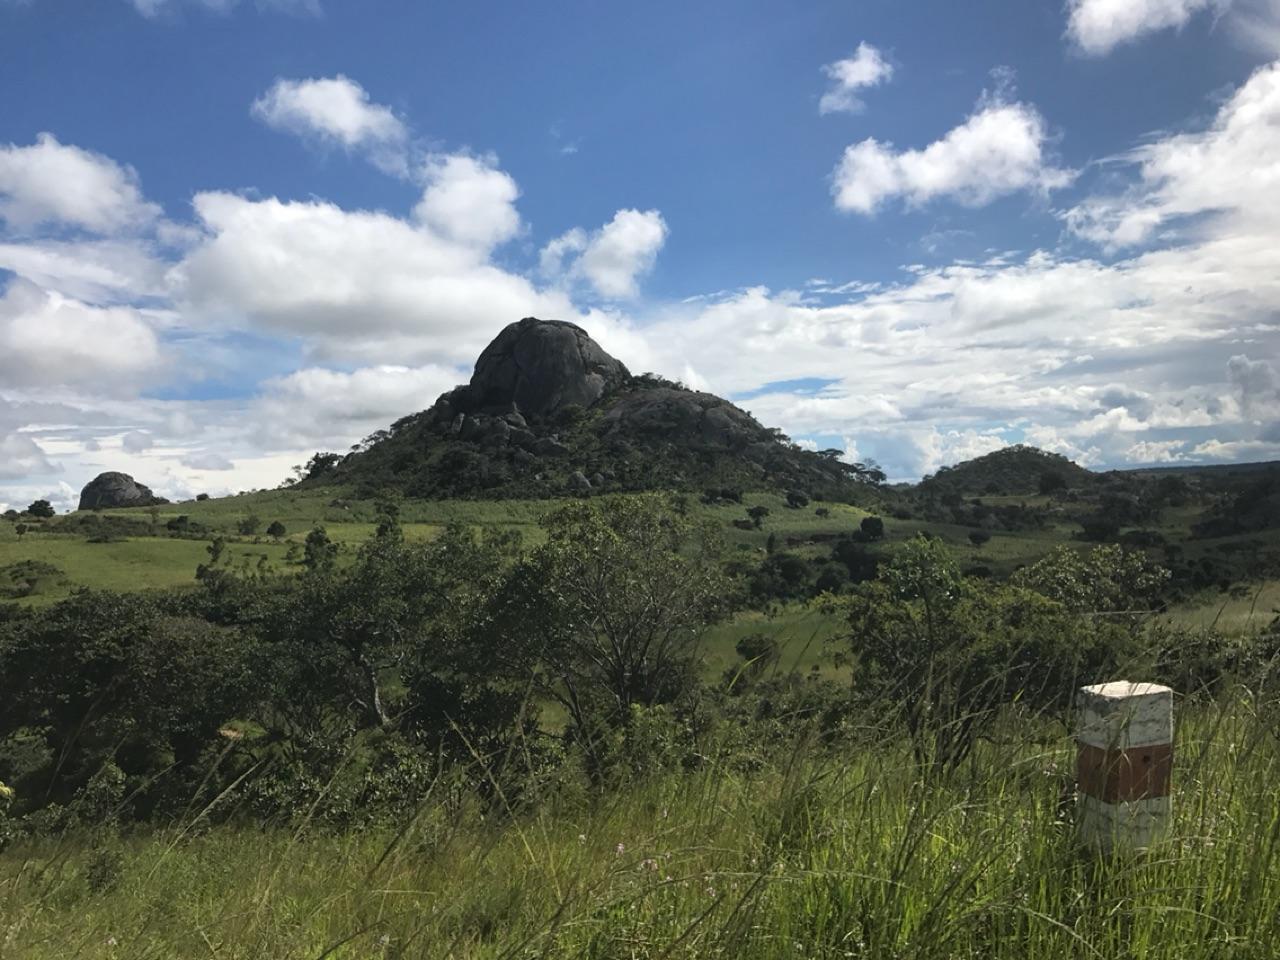 Boulder on the way to Mzuzu